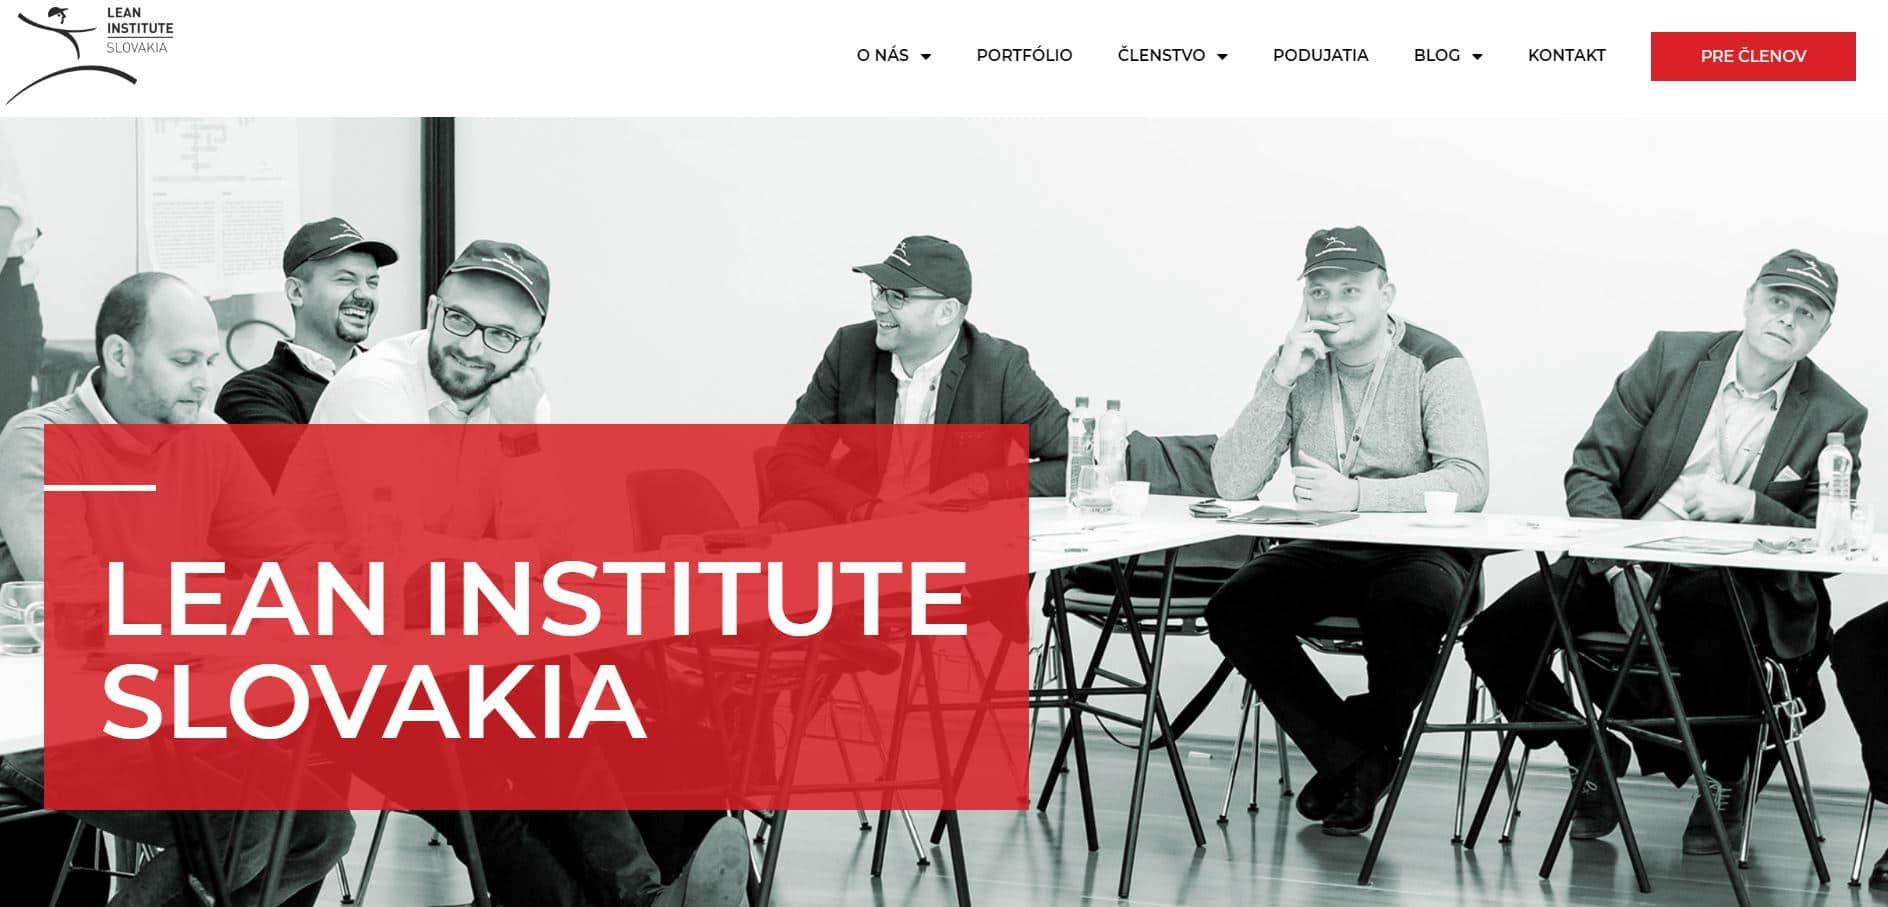 lean institute hlavná stránka